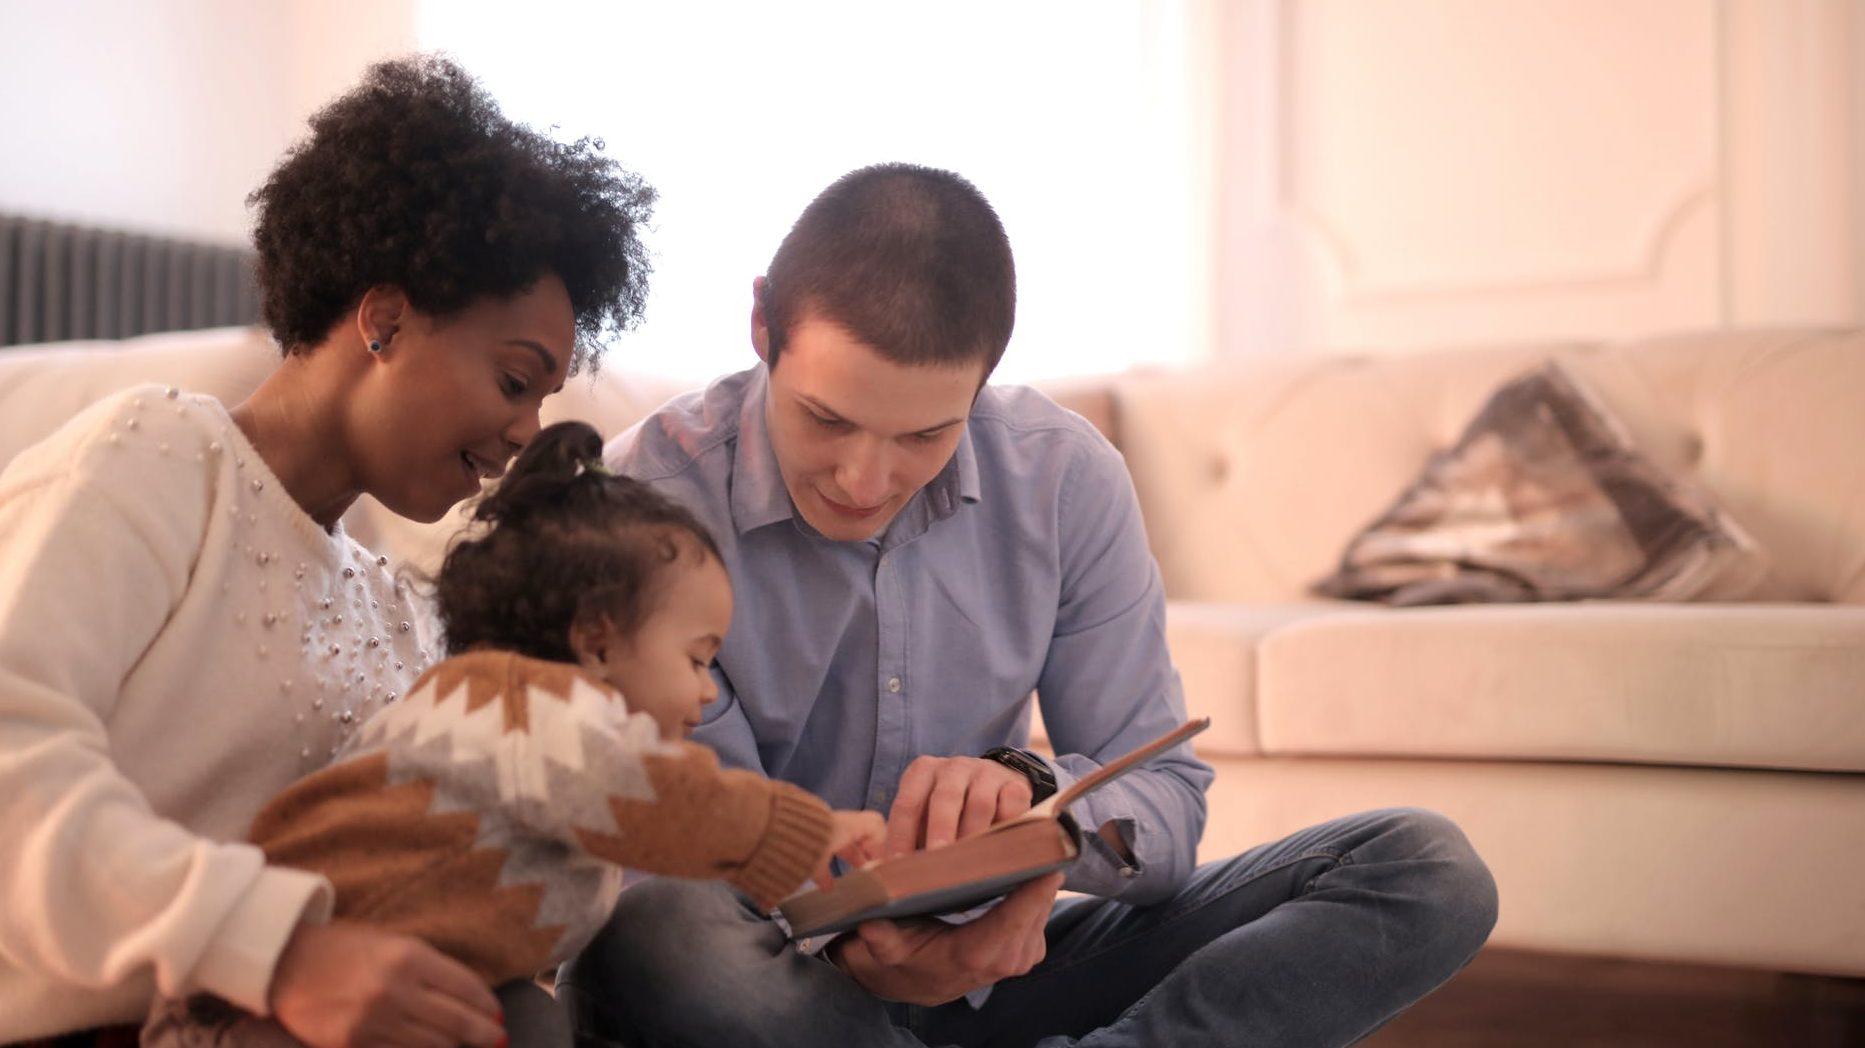 子供を一人育てるのにかかるお金ってどのくらい?のイメージ画像5